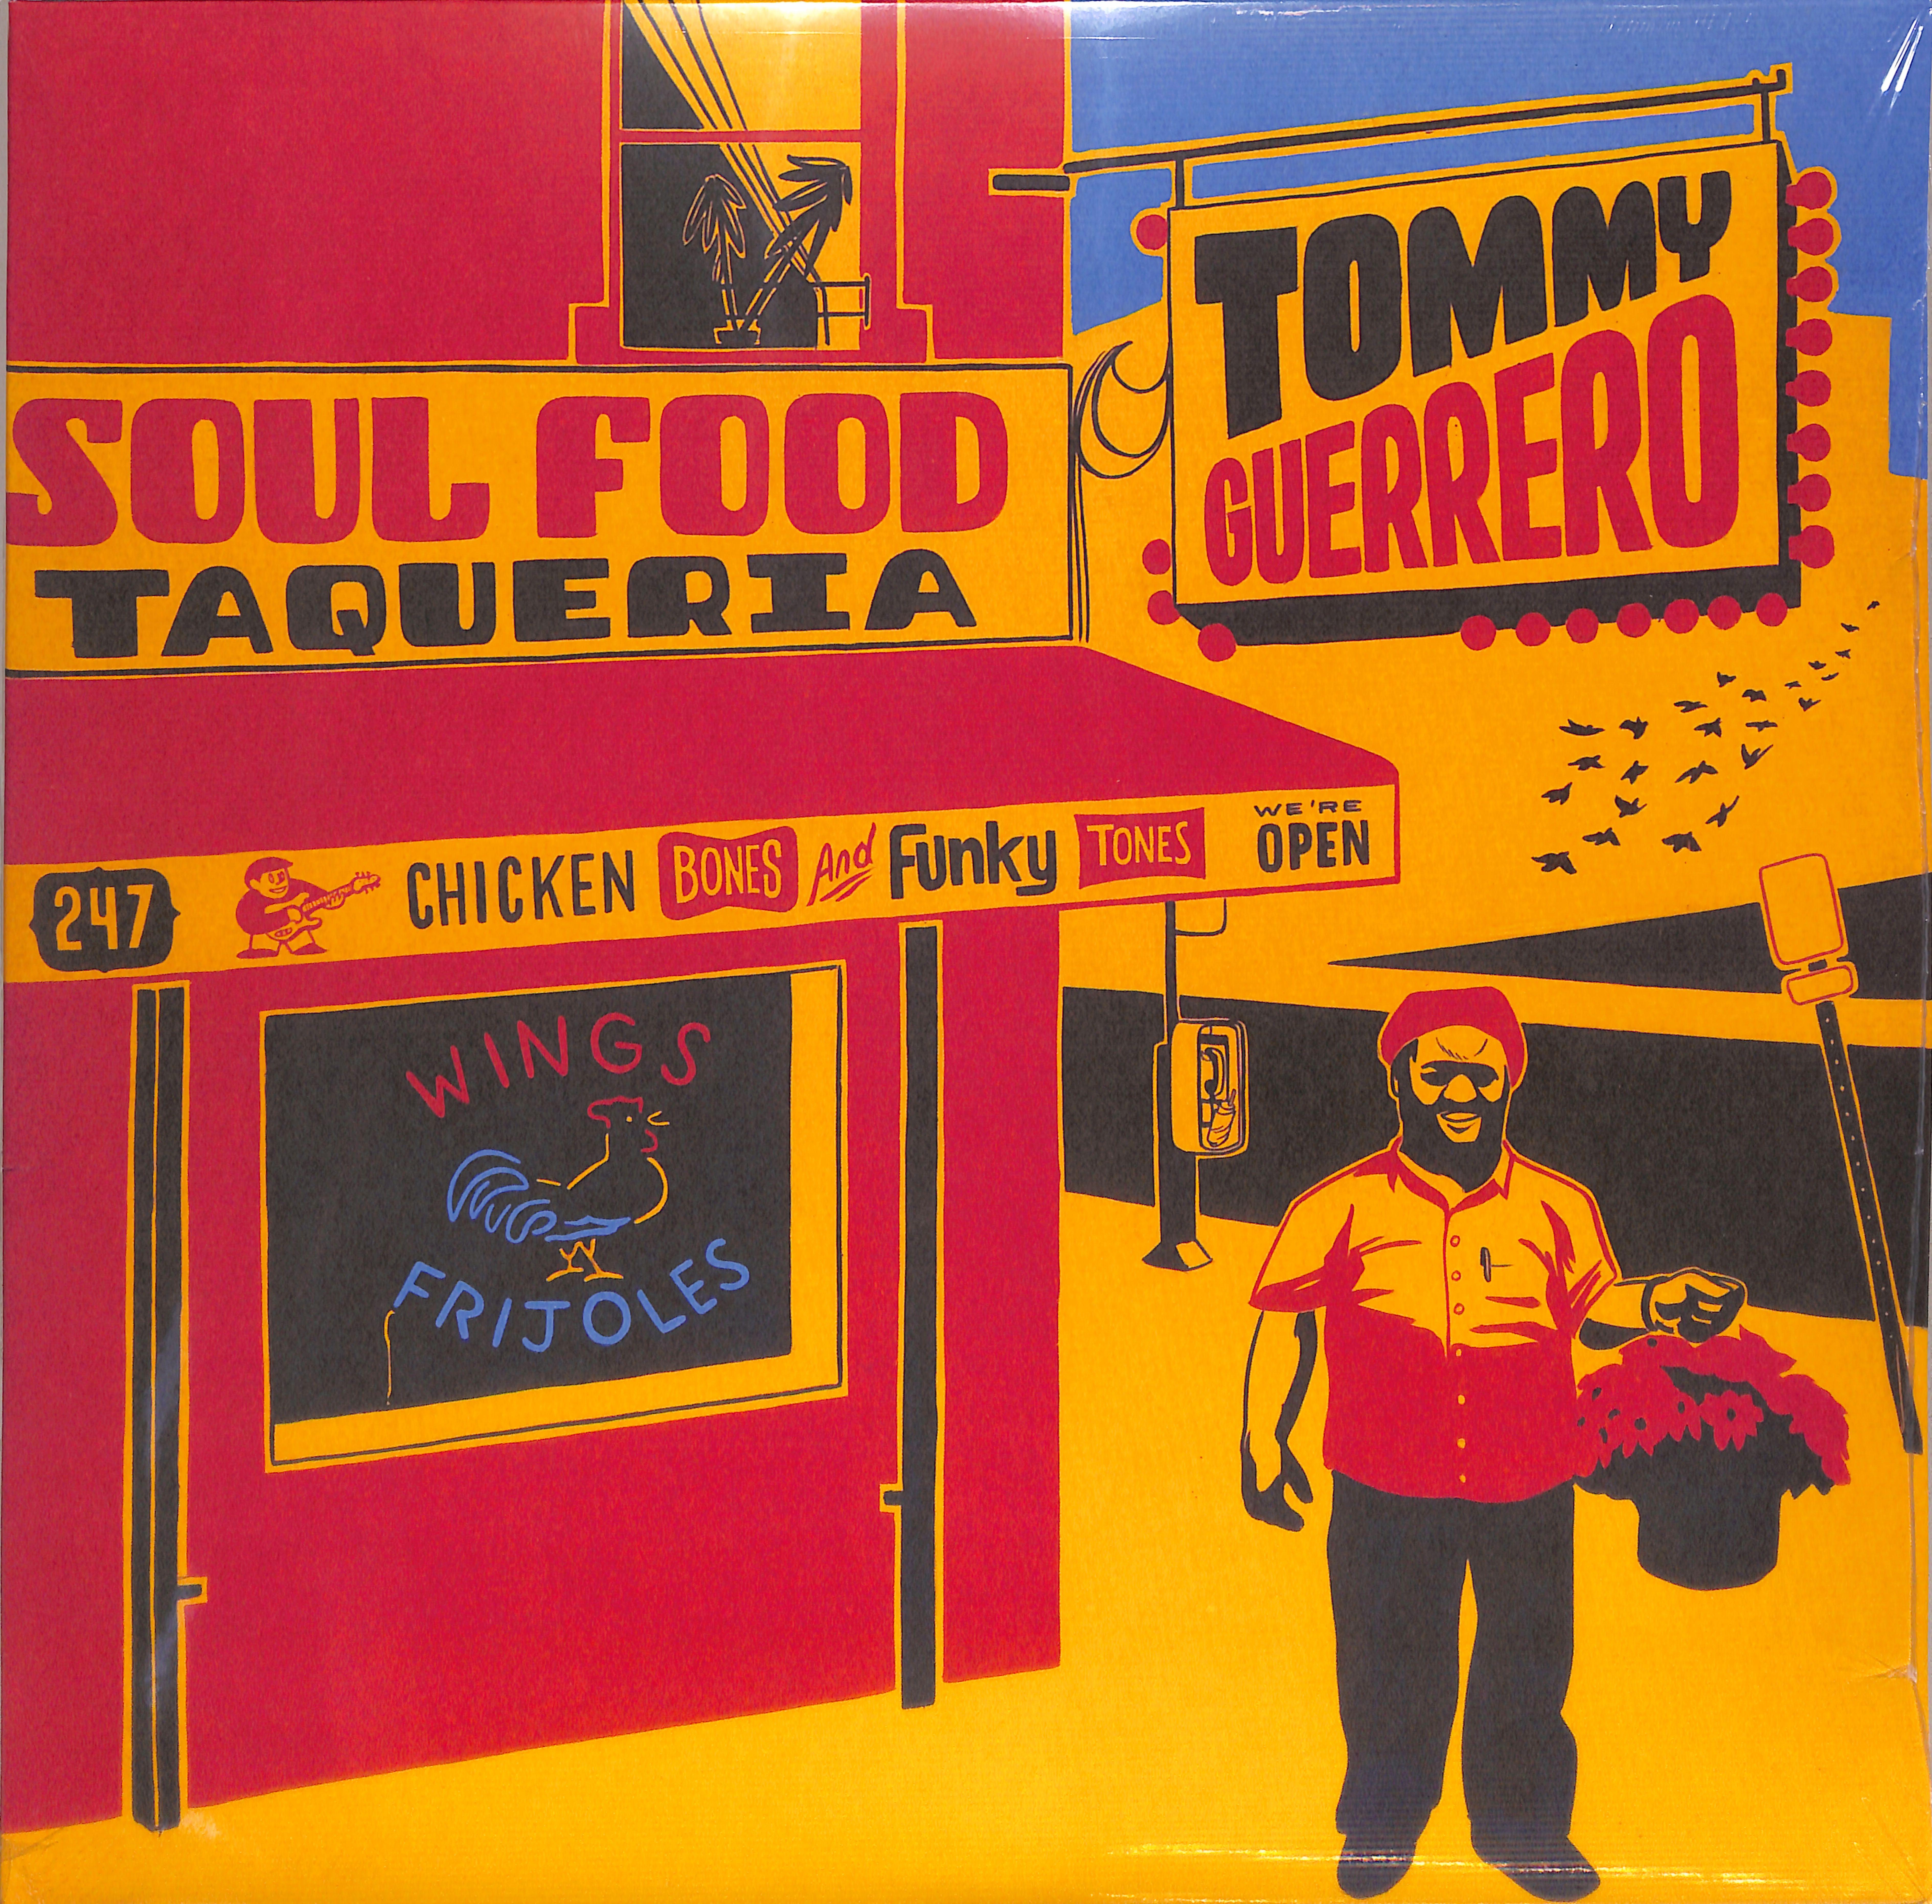 Tommy Guerrero - SOUL FOOD TAQUERIA